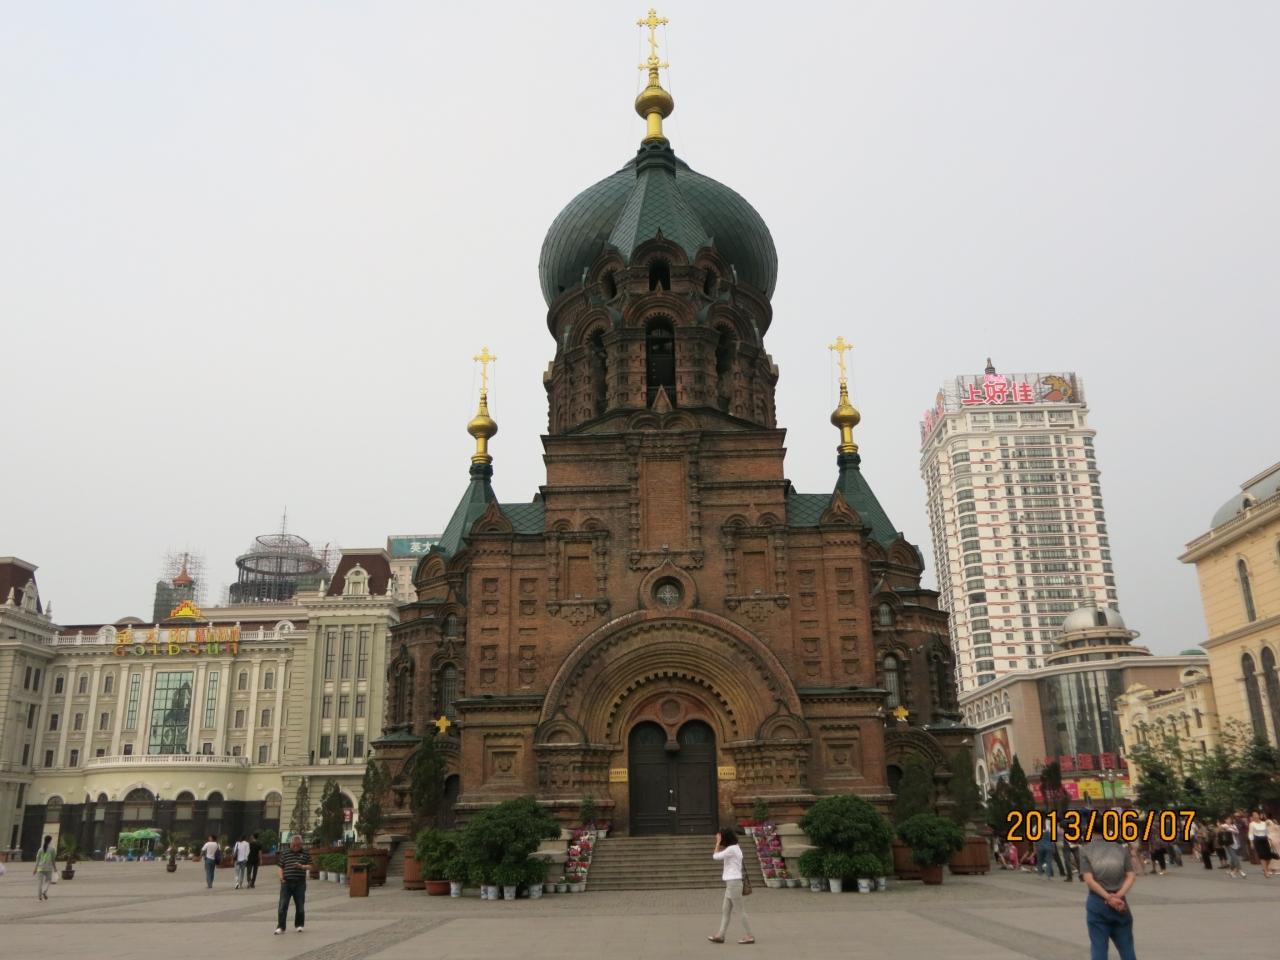 中国韓国 建築物散策 <二>. ハルビンのロシア風建築(2013年6月)